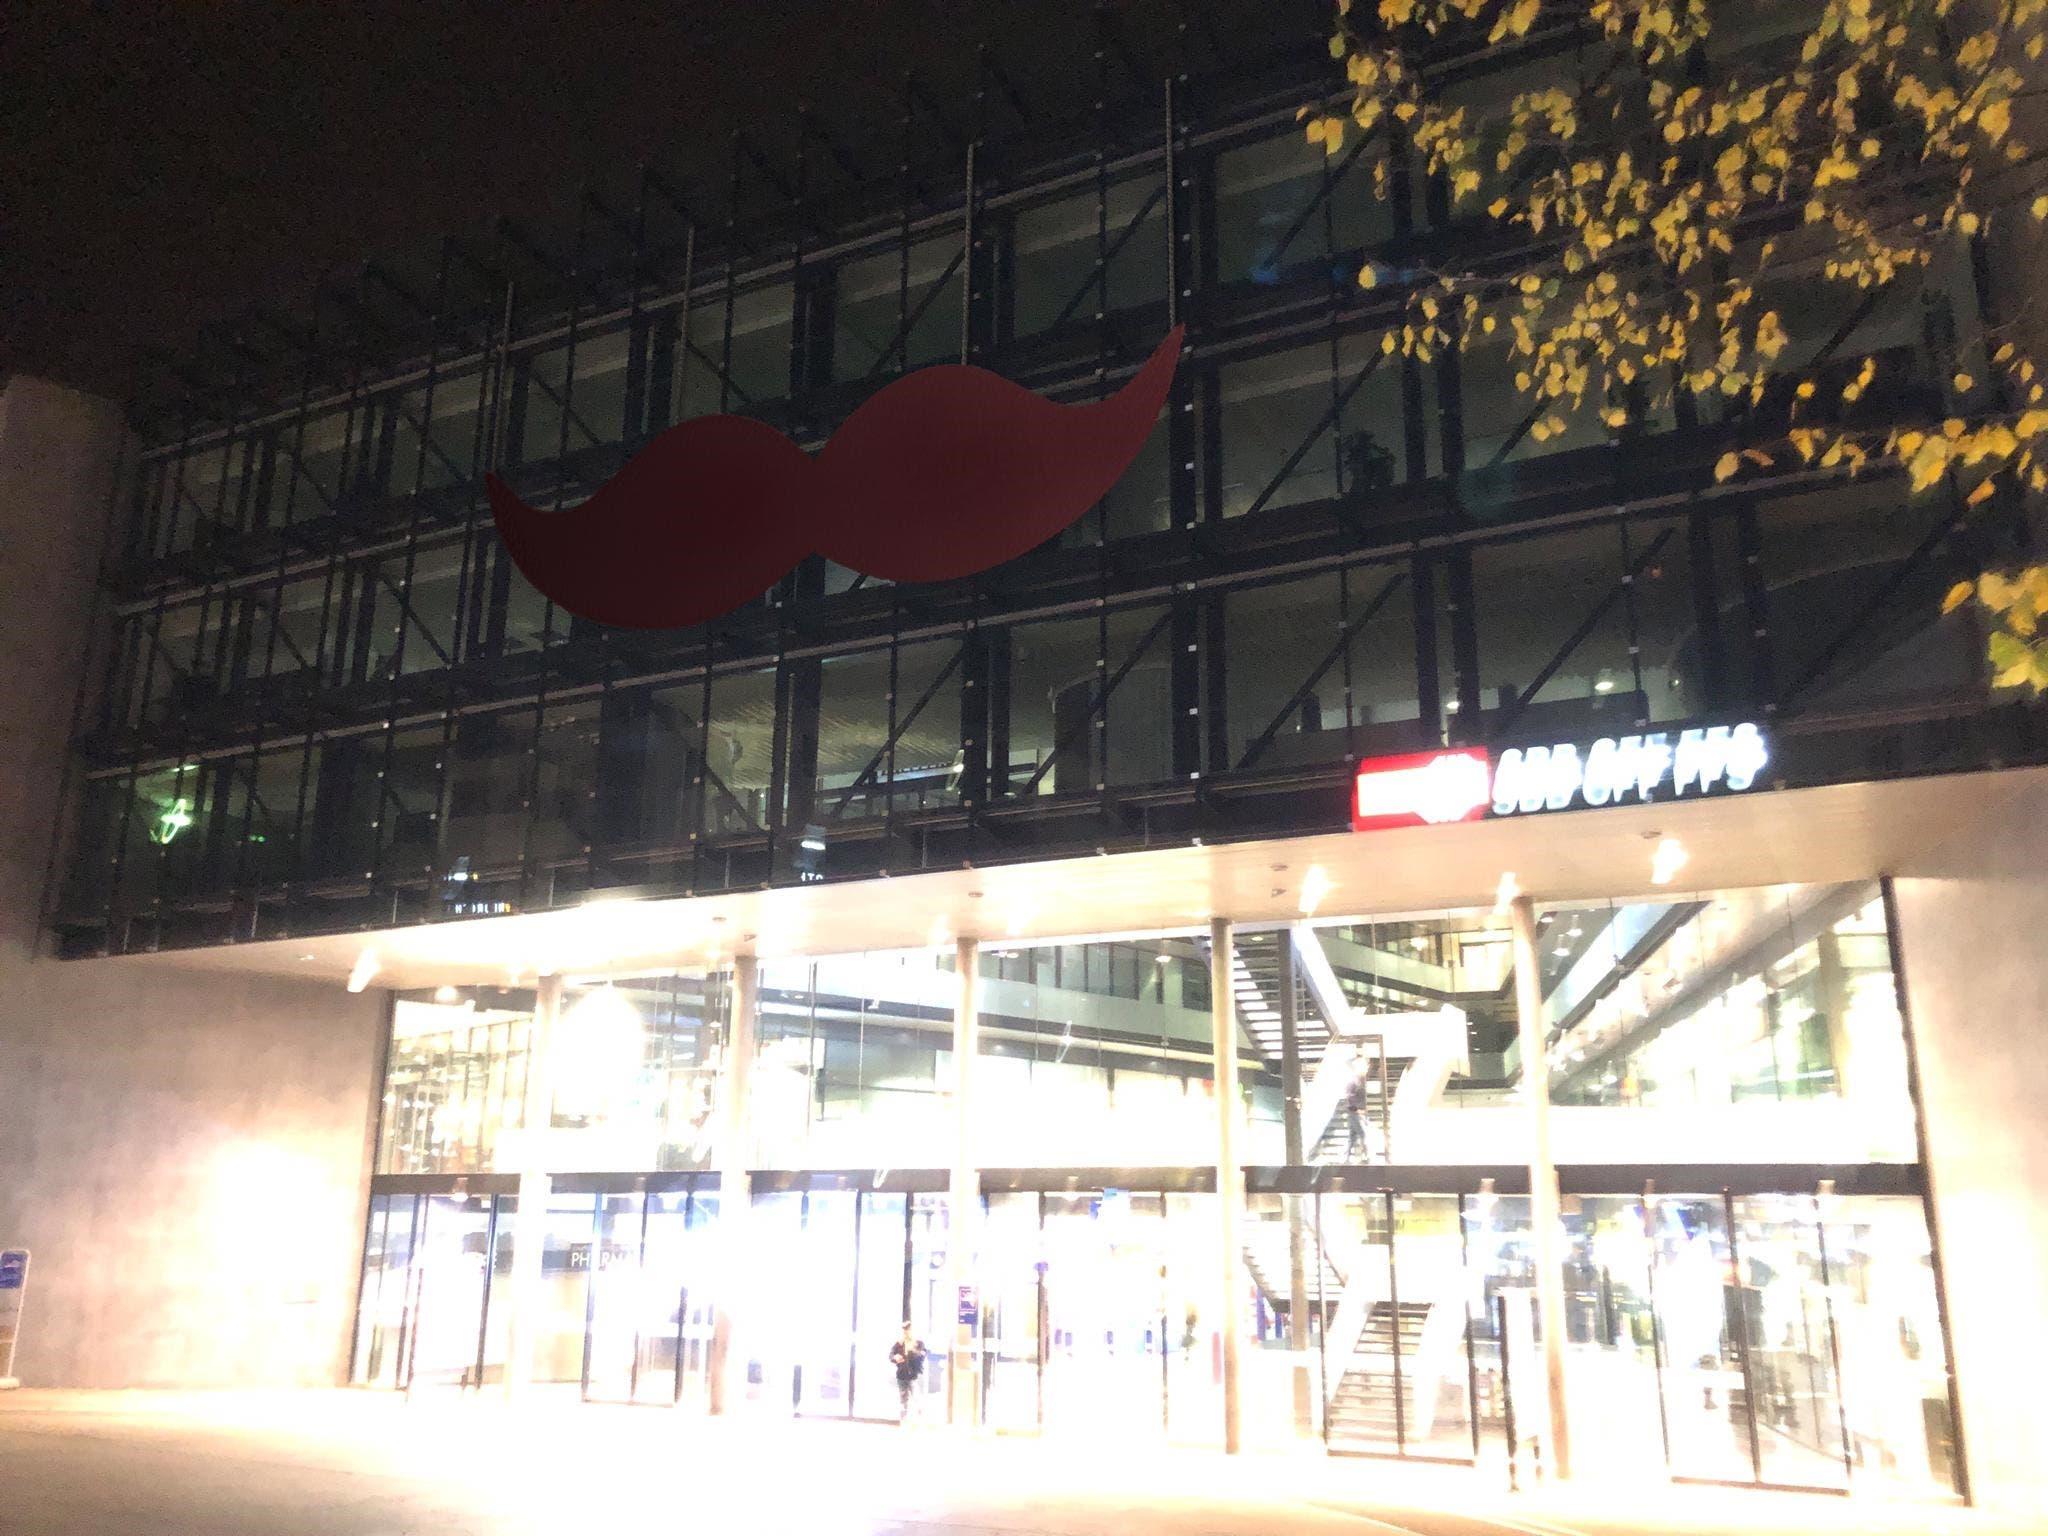 Der riesige braune Schnauz, den Unbekannte am 12. November an die Fassade des Bahnhofs Zug klebten. (Bild: PD)